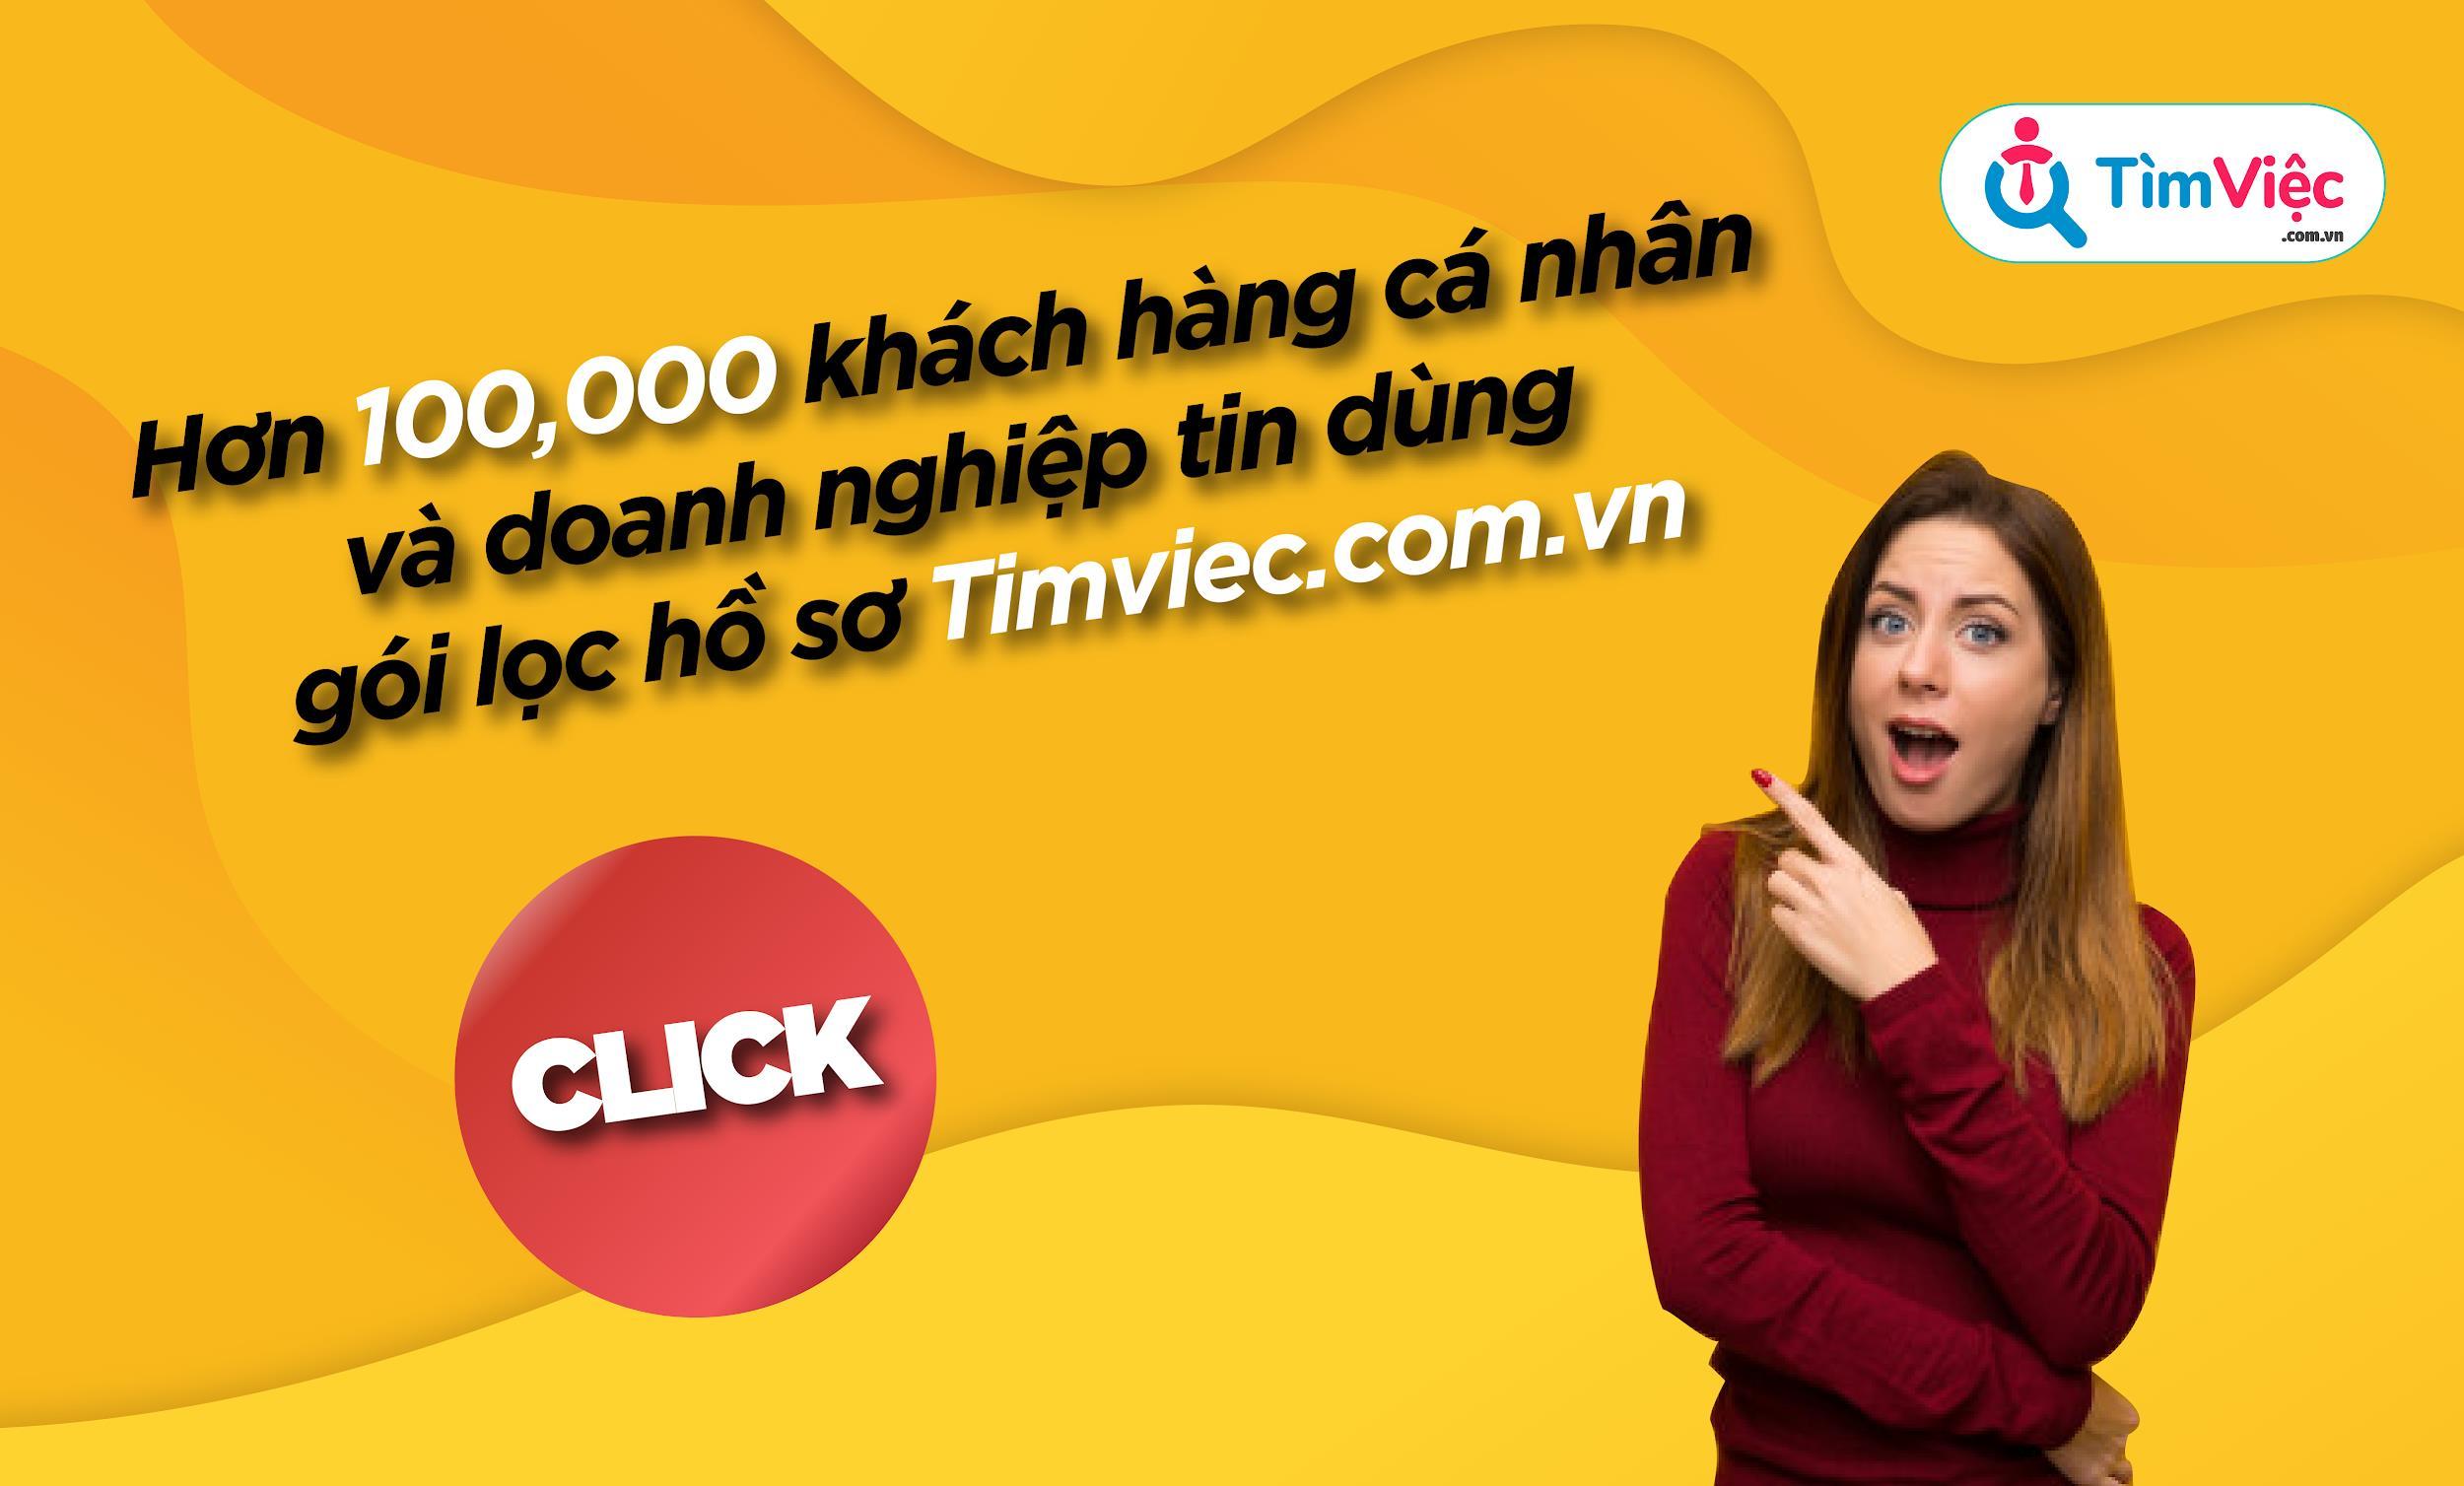 Timviec.com.vn giúp các doanh nghiệp có nguồn ứng viên chất lượng - Ảnh 5.